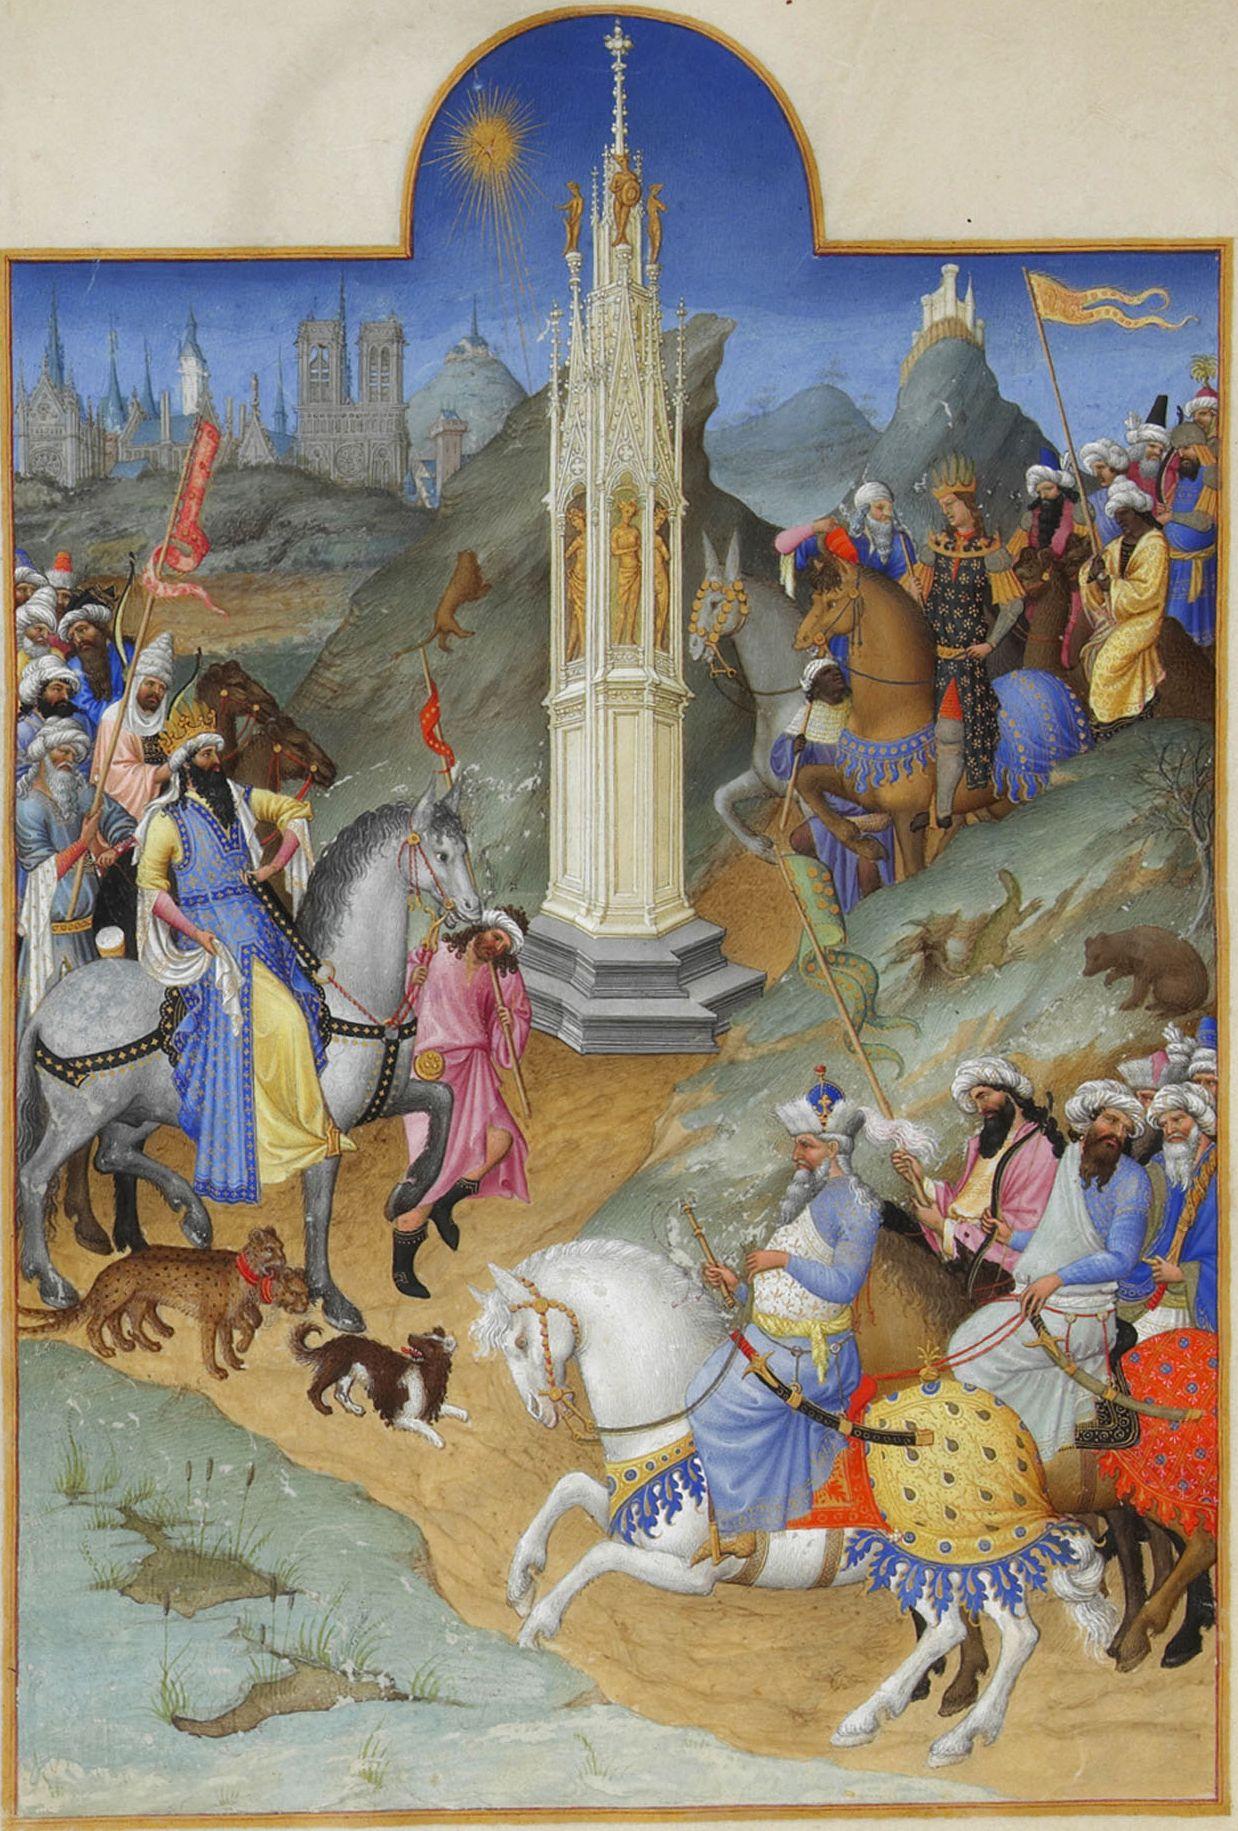 Pongan un cuadro en su vida - Página 15 Folio_51v_-_The_Meeting_of_the_Magi